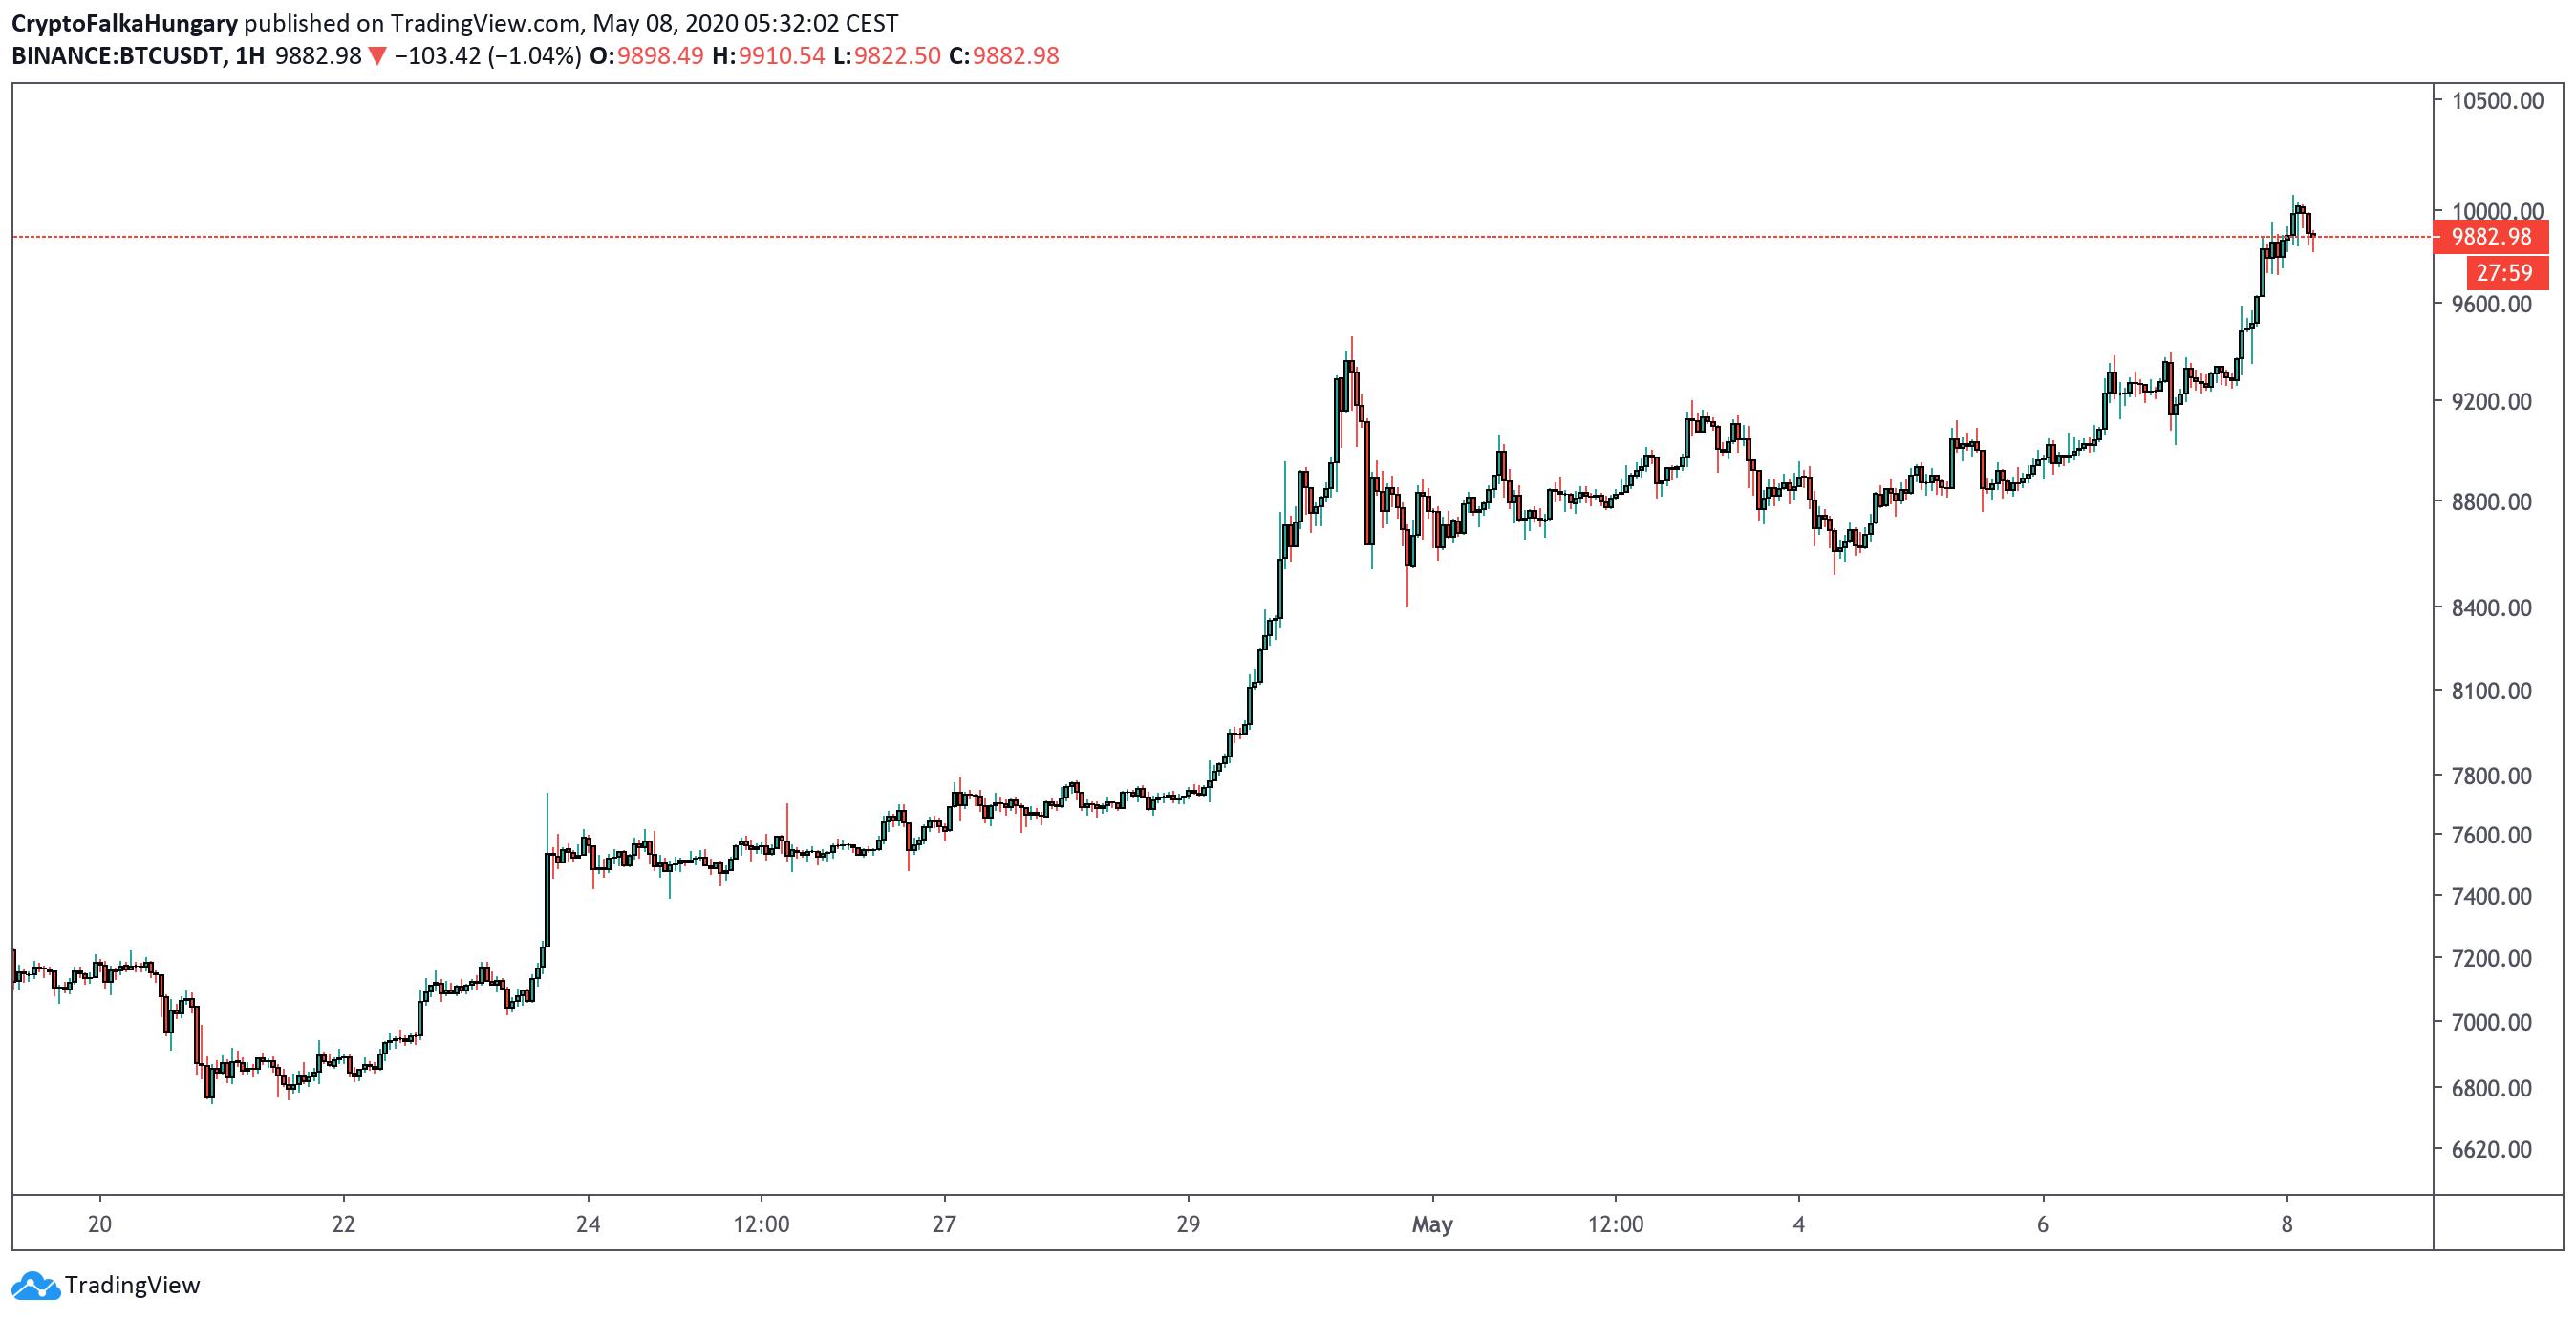 Bitcoin ára 10 000$ I Cryptofalka